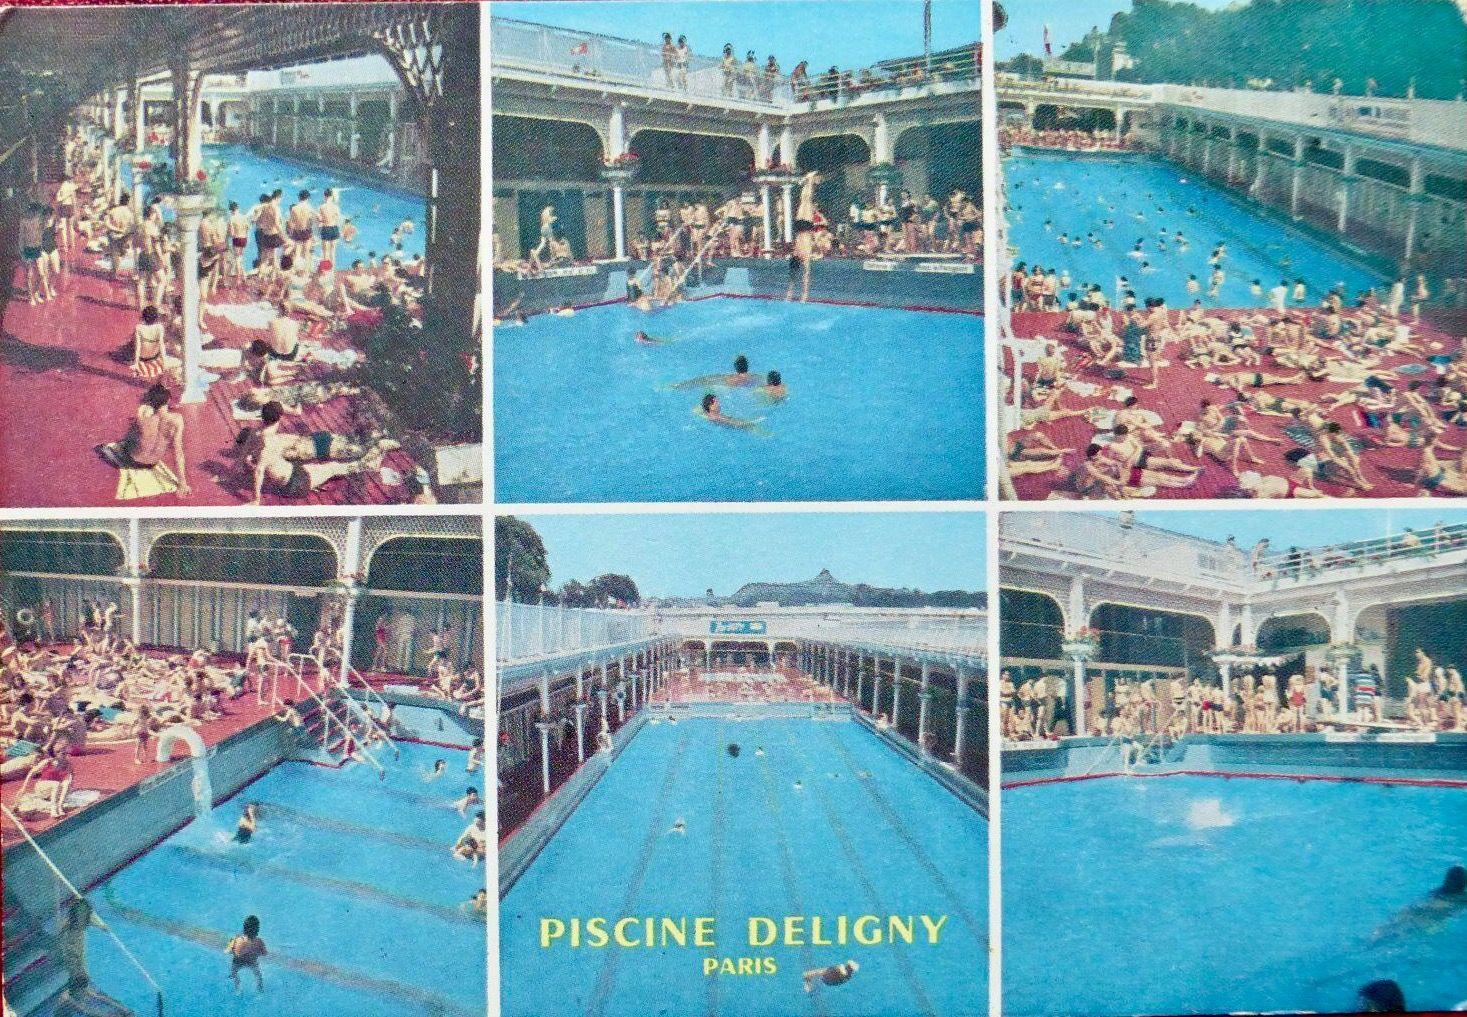 Piscine Deligny Sur La Seine Qui A Coulé | Piscine, Paris avec Piscine Eragny